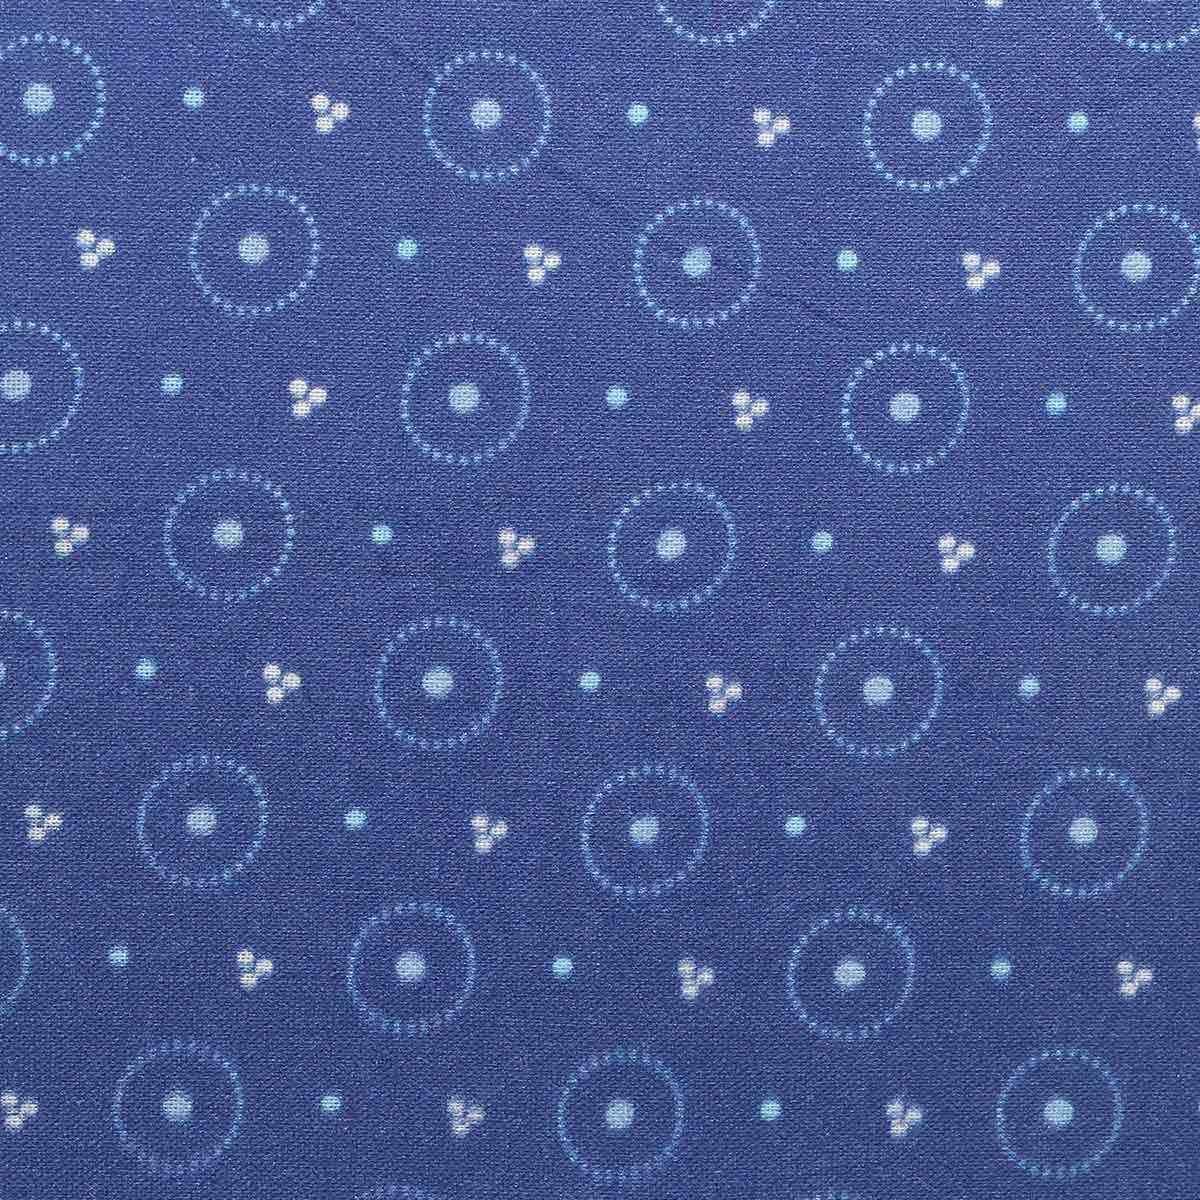 АМ592005 Ткань 'Разноцветные круги' №5, 100% хлопок, 120 г/м2, размер 48*50см